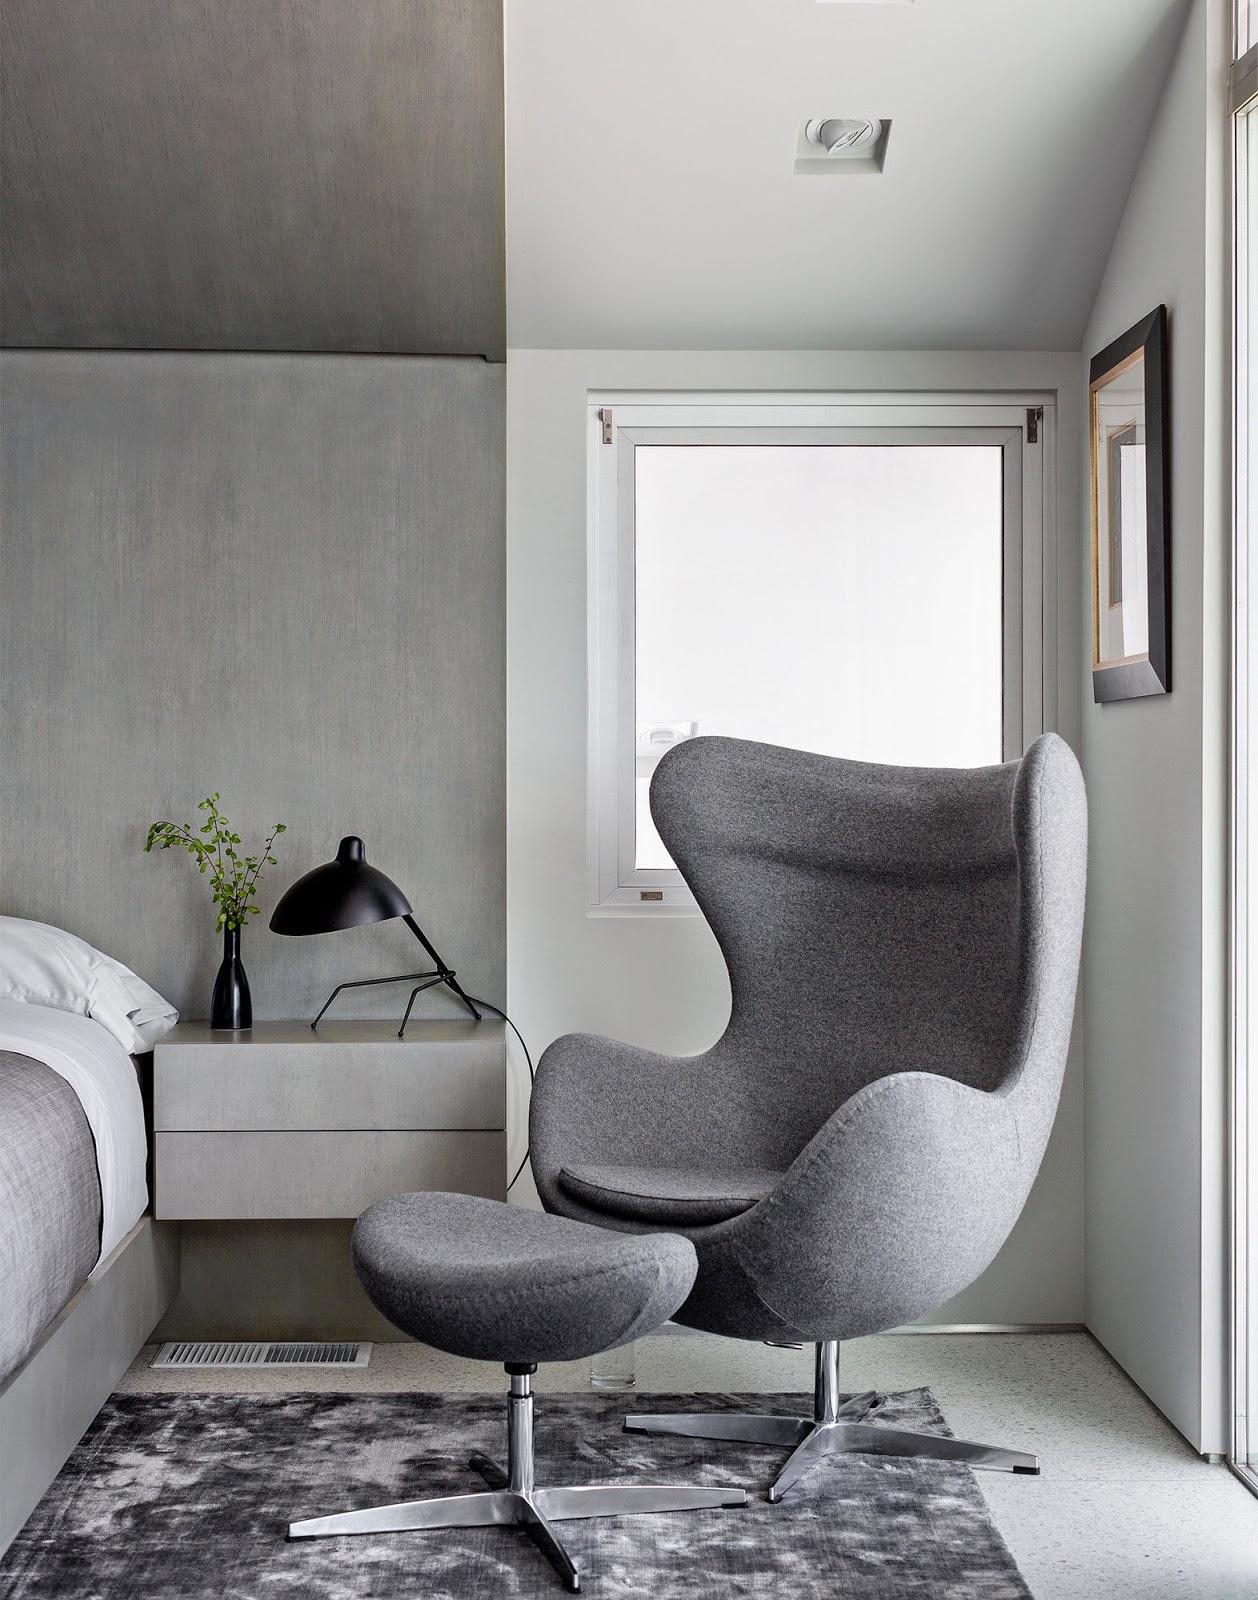 Кресло в спальню серого цвета с подставкой